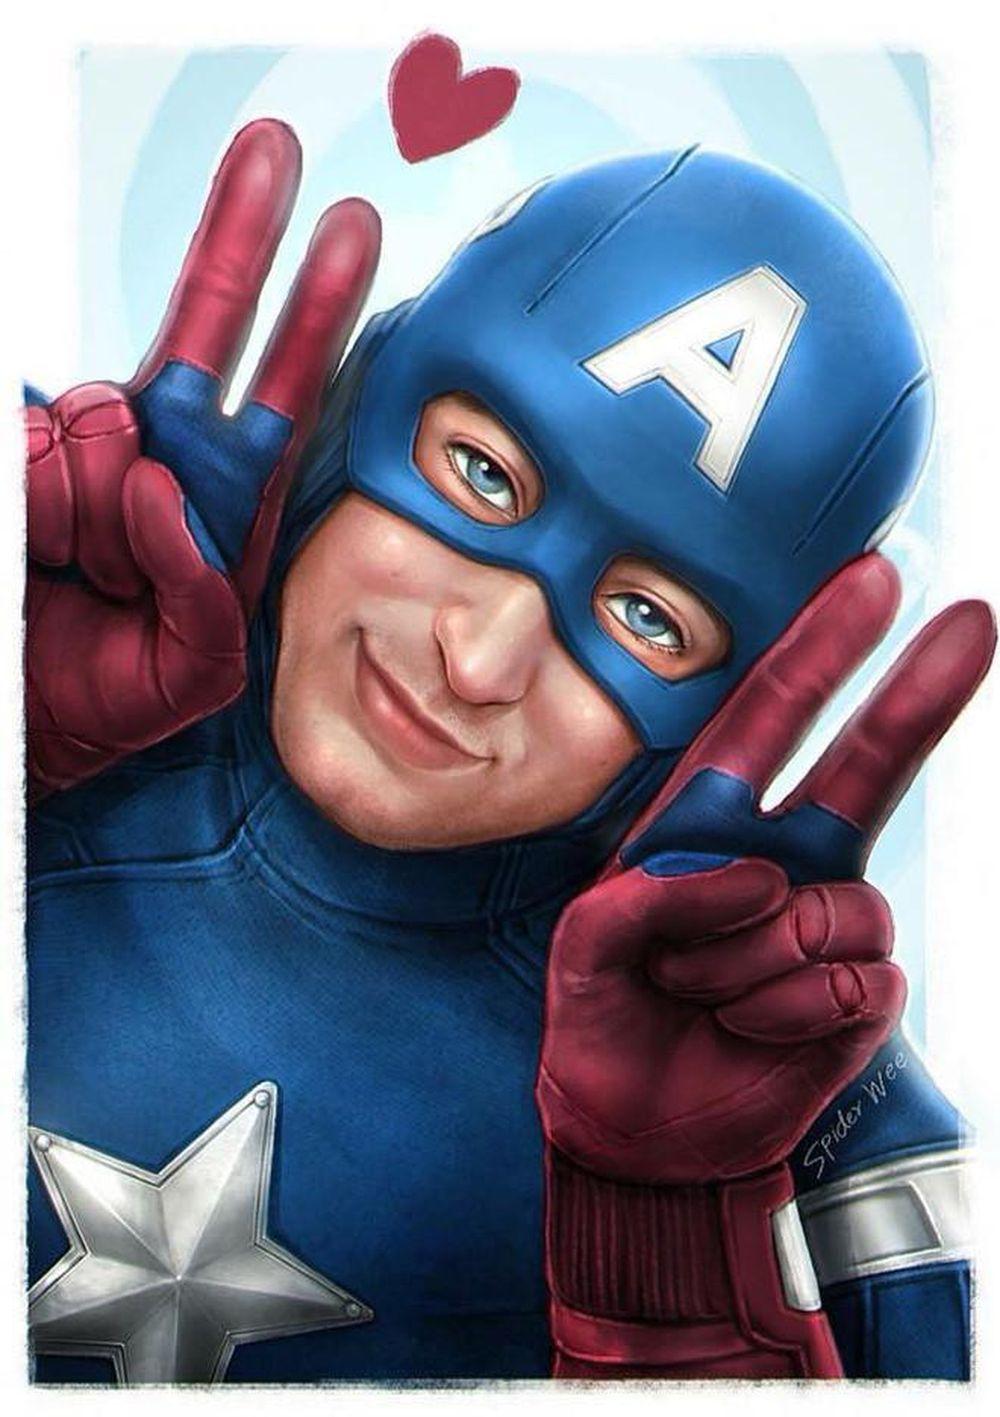 bộ ảnh chế hài hước về các siêu anh hùng